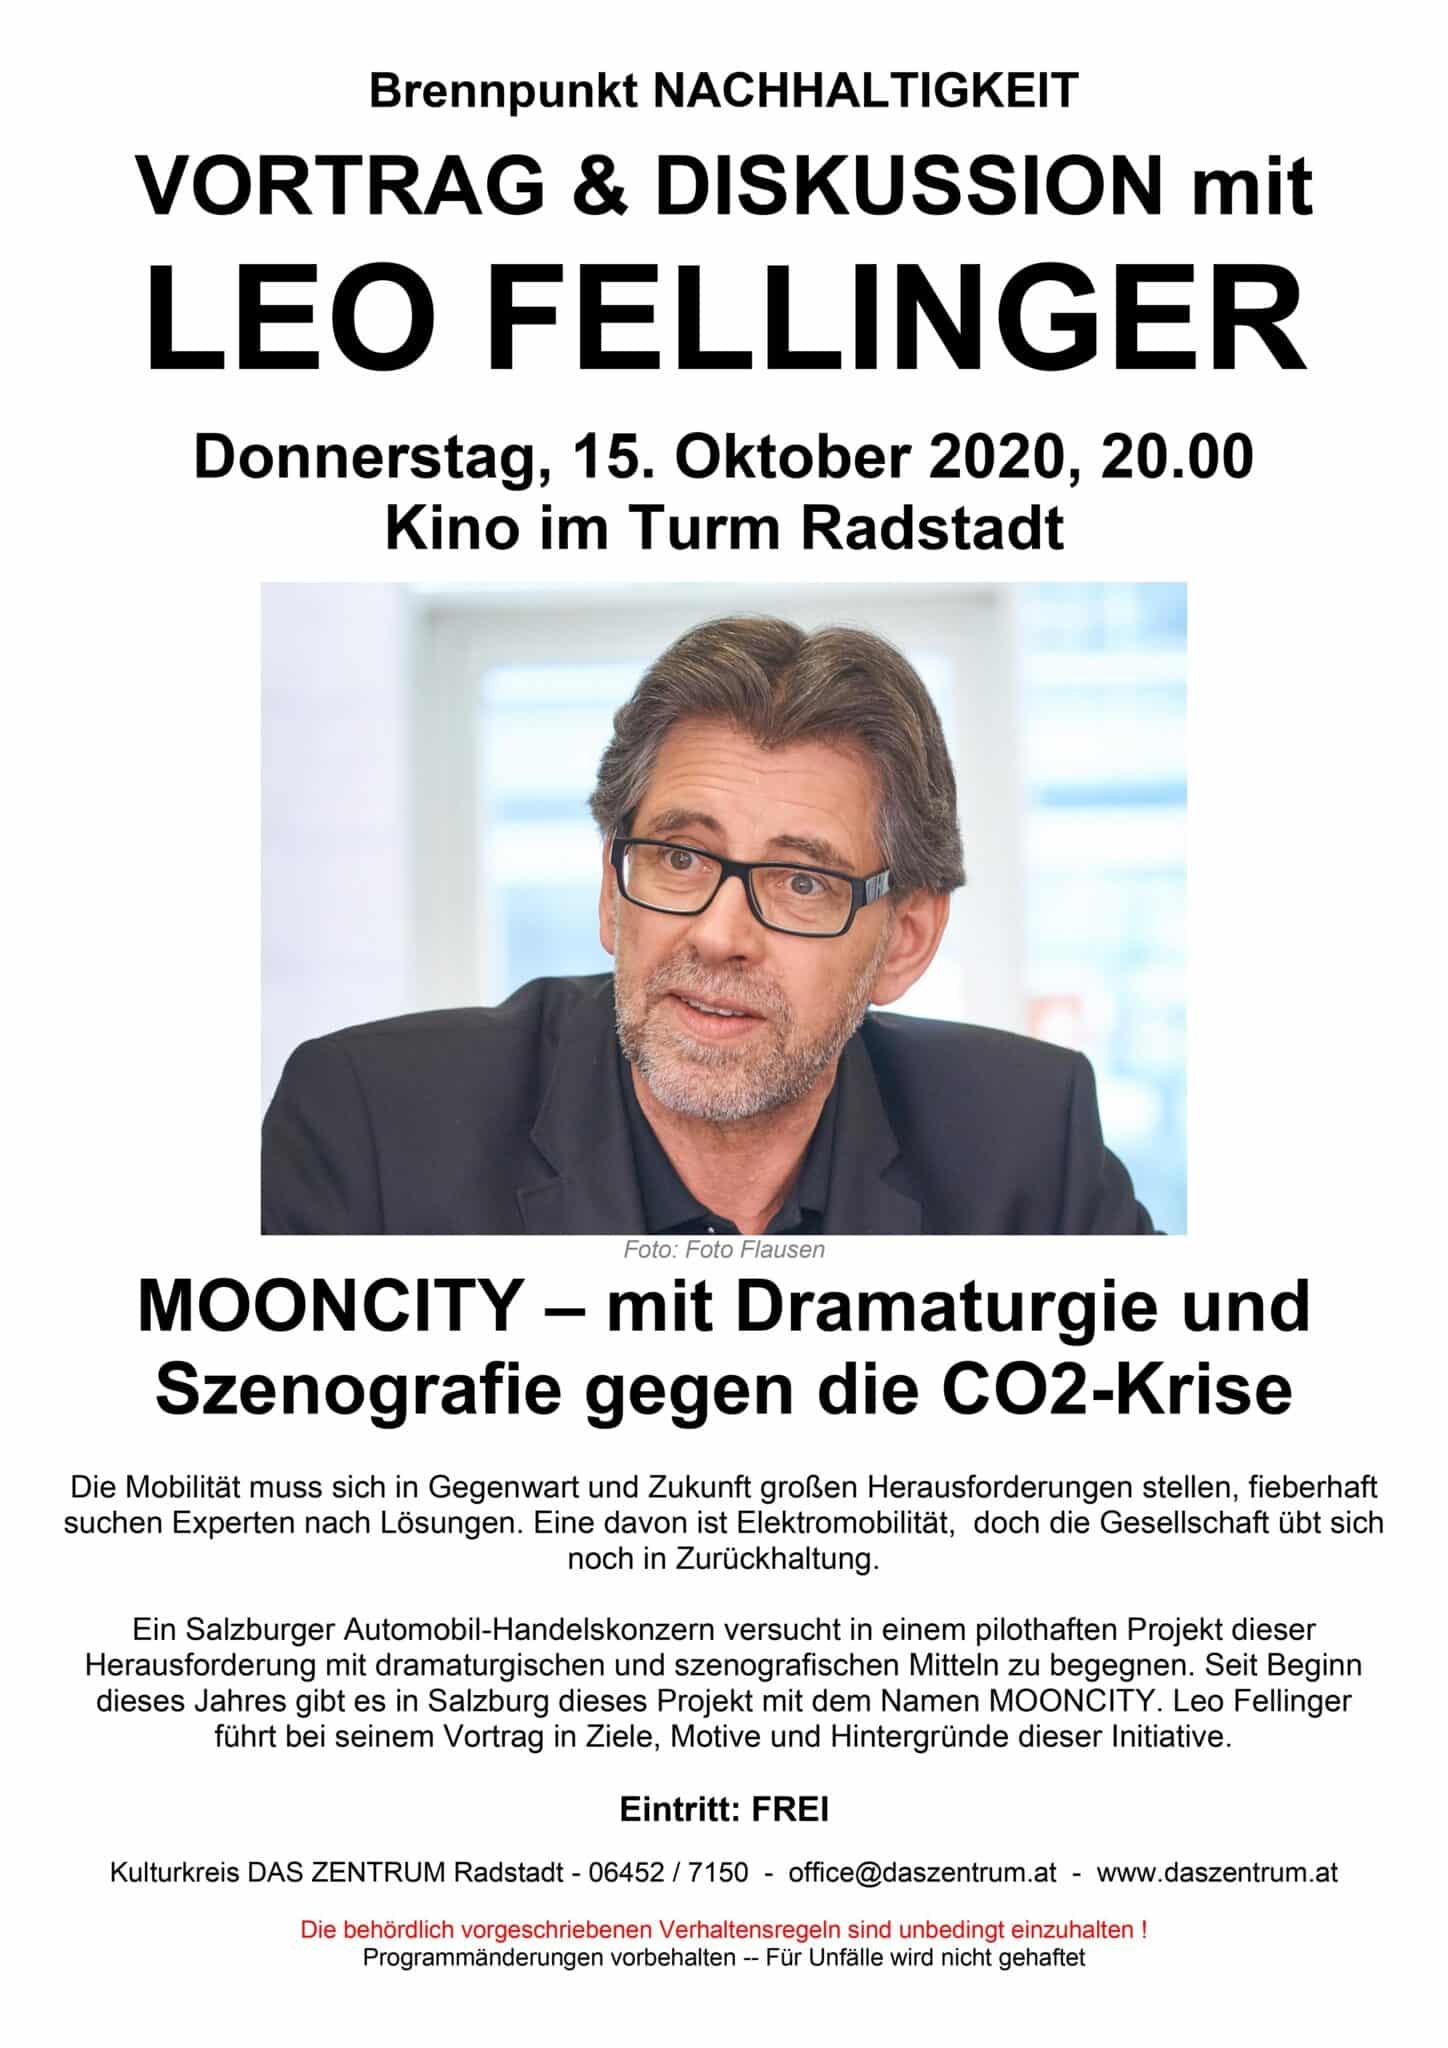 MOONCITY – mit Dramaturgie und Szenografie gegen die CO2-Krise » 0001 scaled